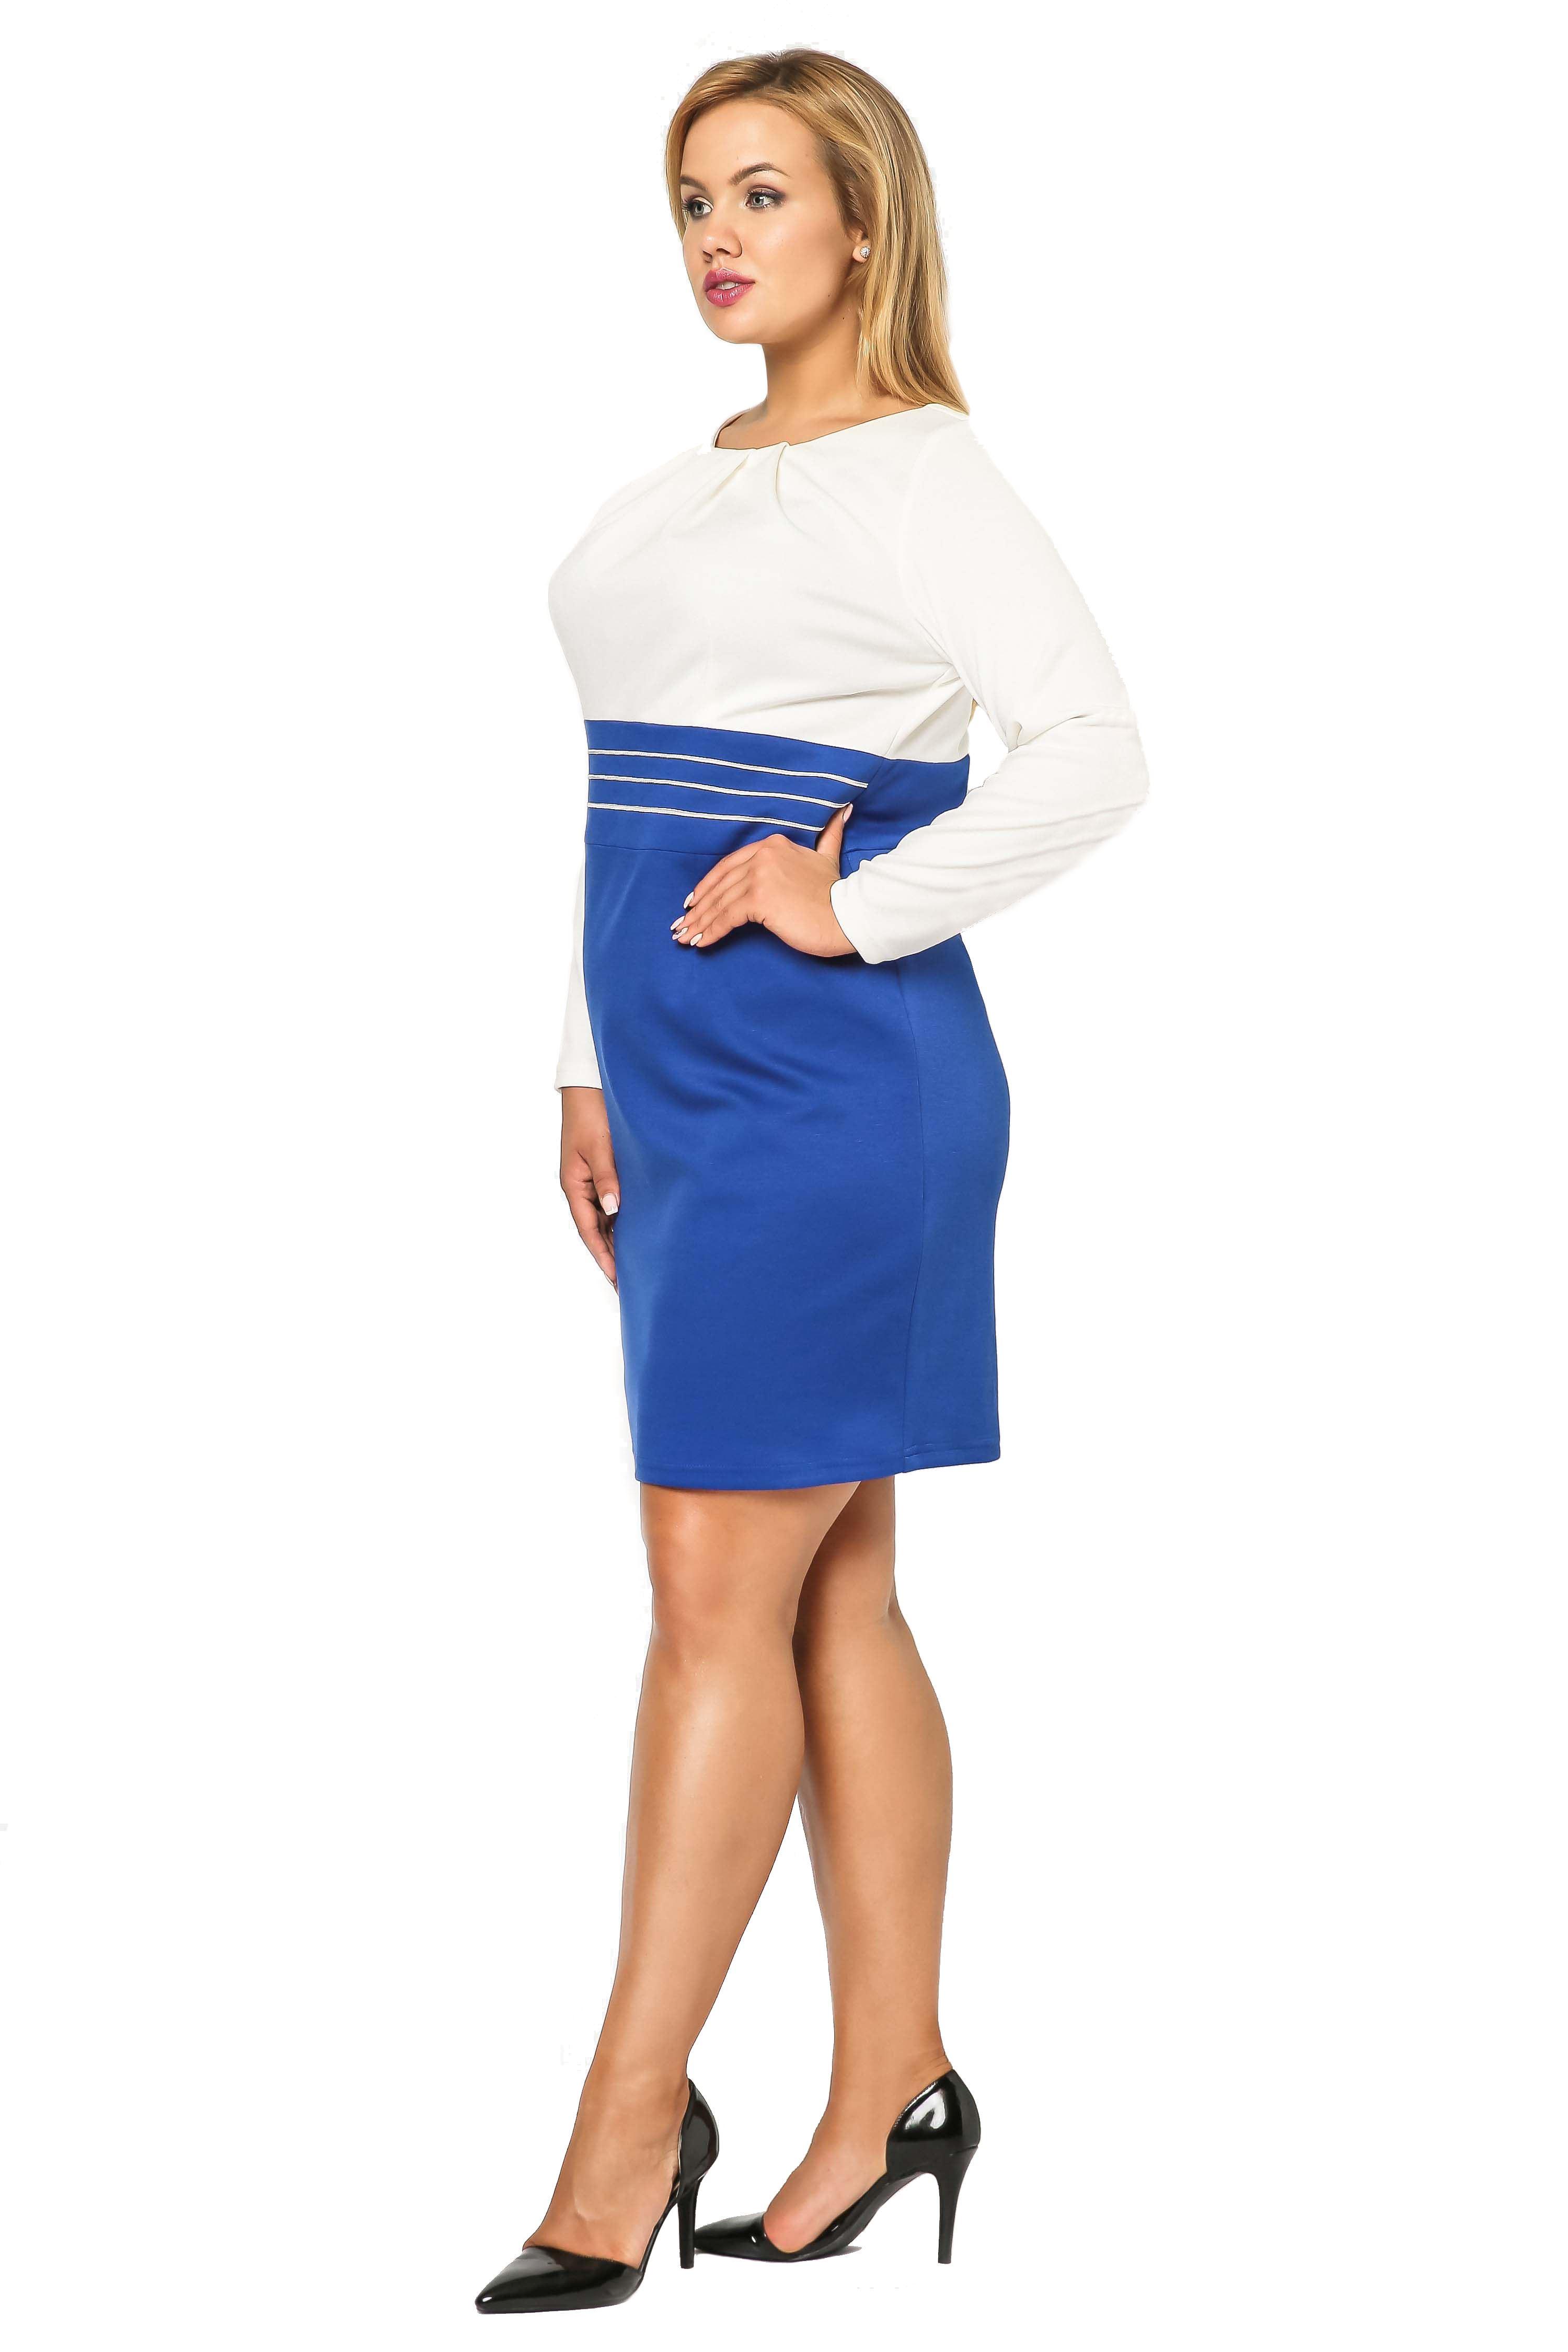 Dress Gabi Knittwear in cornflower blue with ecru